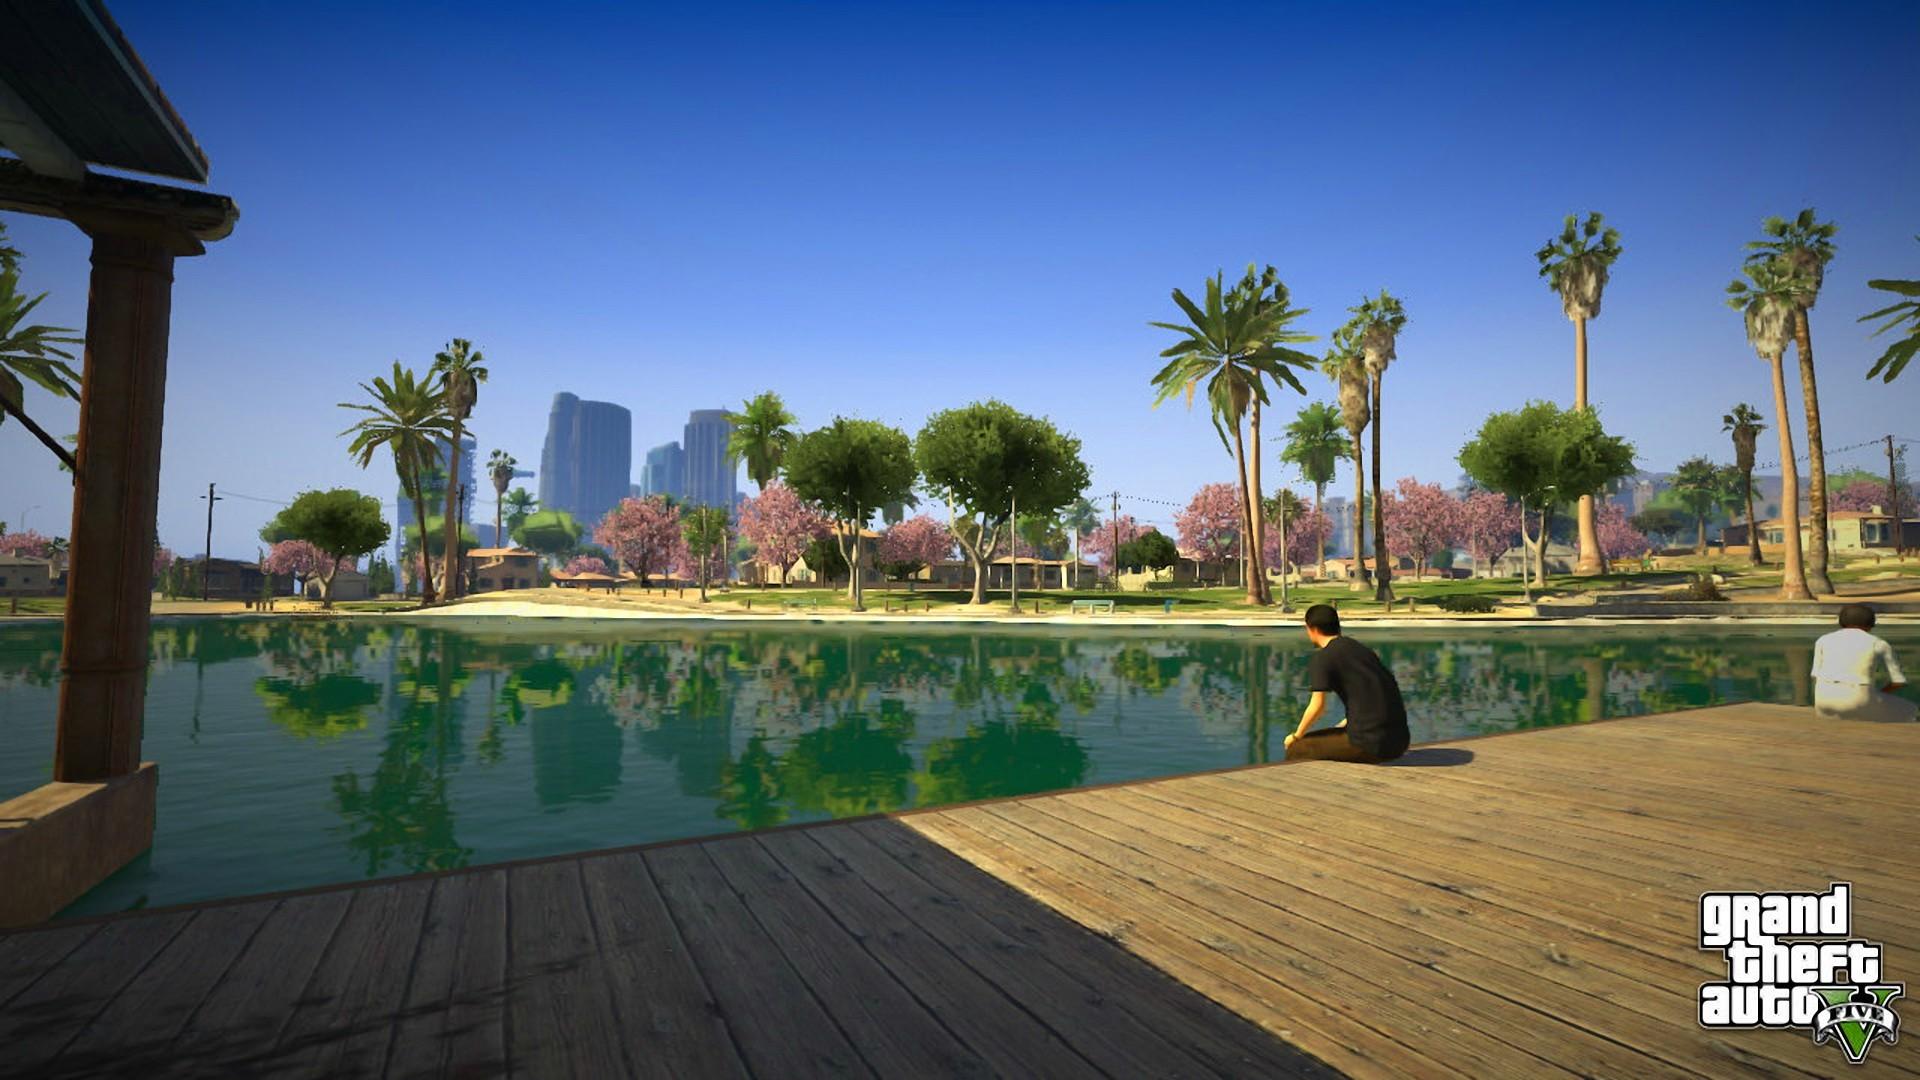 … Grand Theft Auto V Desktop HD Wallpaper #1265